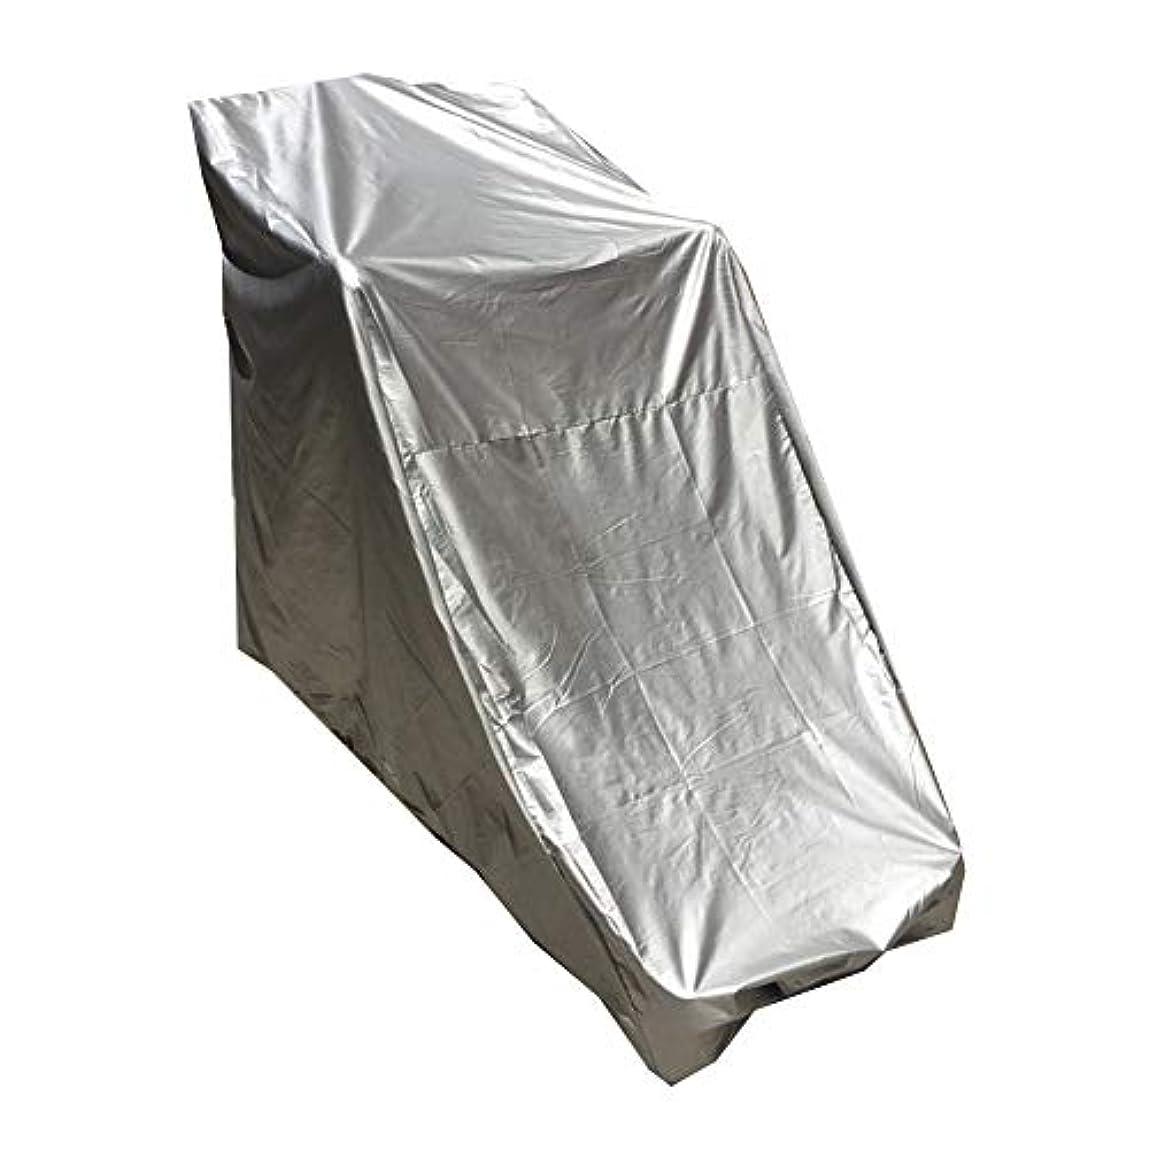 アルコール収束ポンドダストカバー - トレッドミルカバーダストカバー家庭日保護雨フォーシーズンユニバーサル屋外用家具保護カバー(3サイズ) 分離ダスト (色 : B, サイズ さいず : 165x75x135cm)